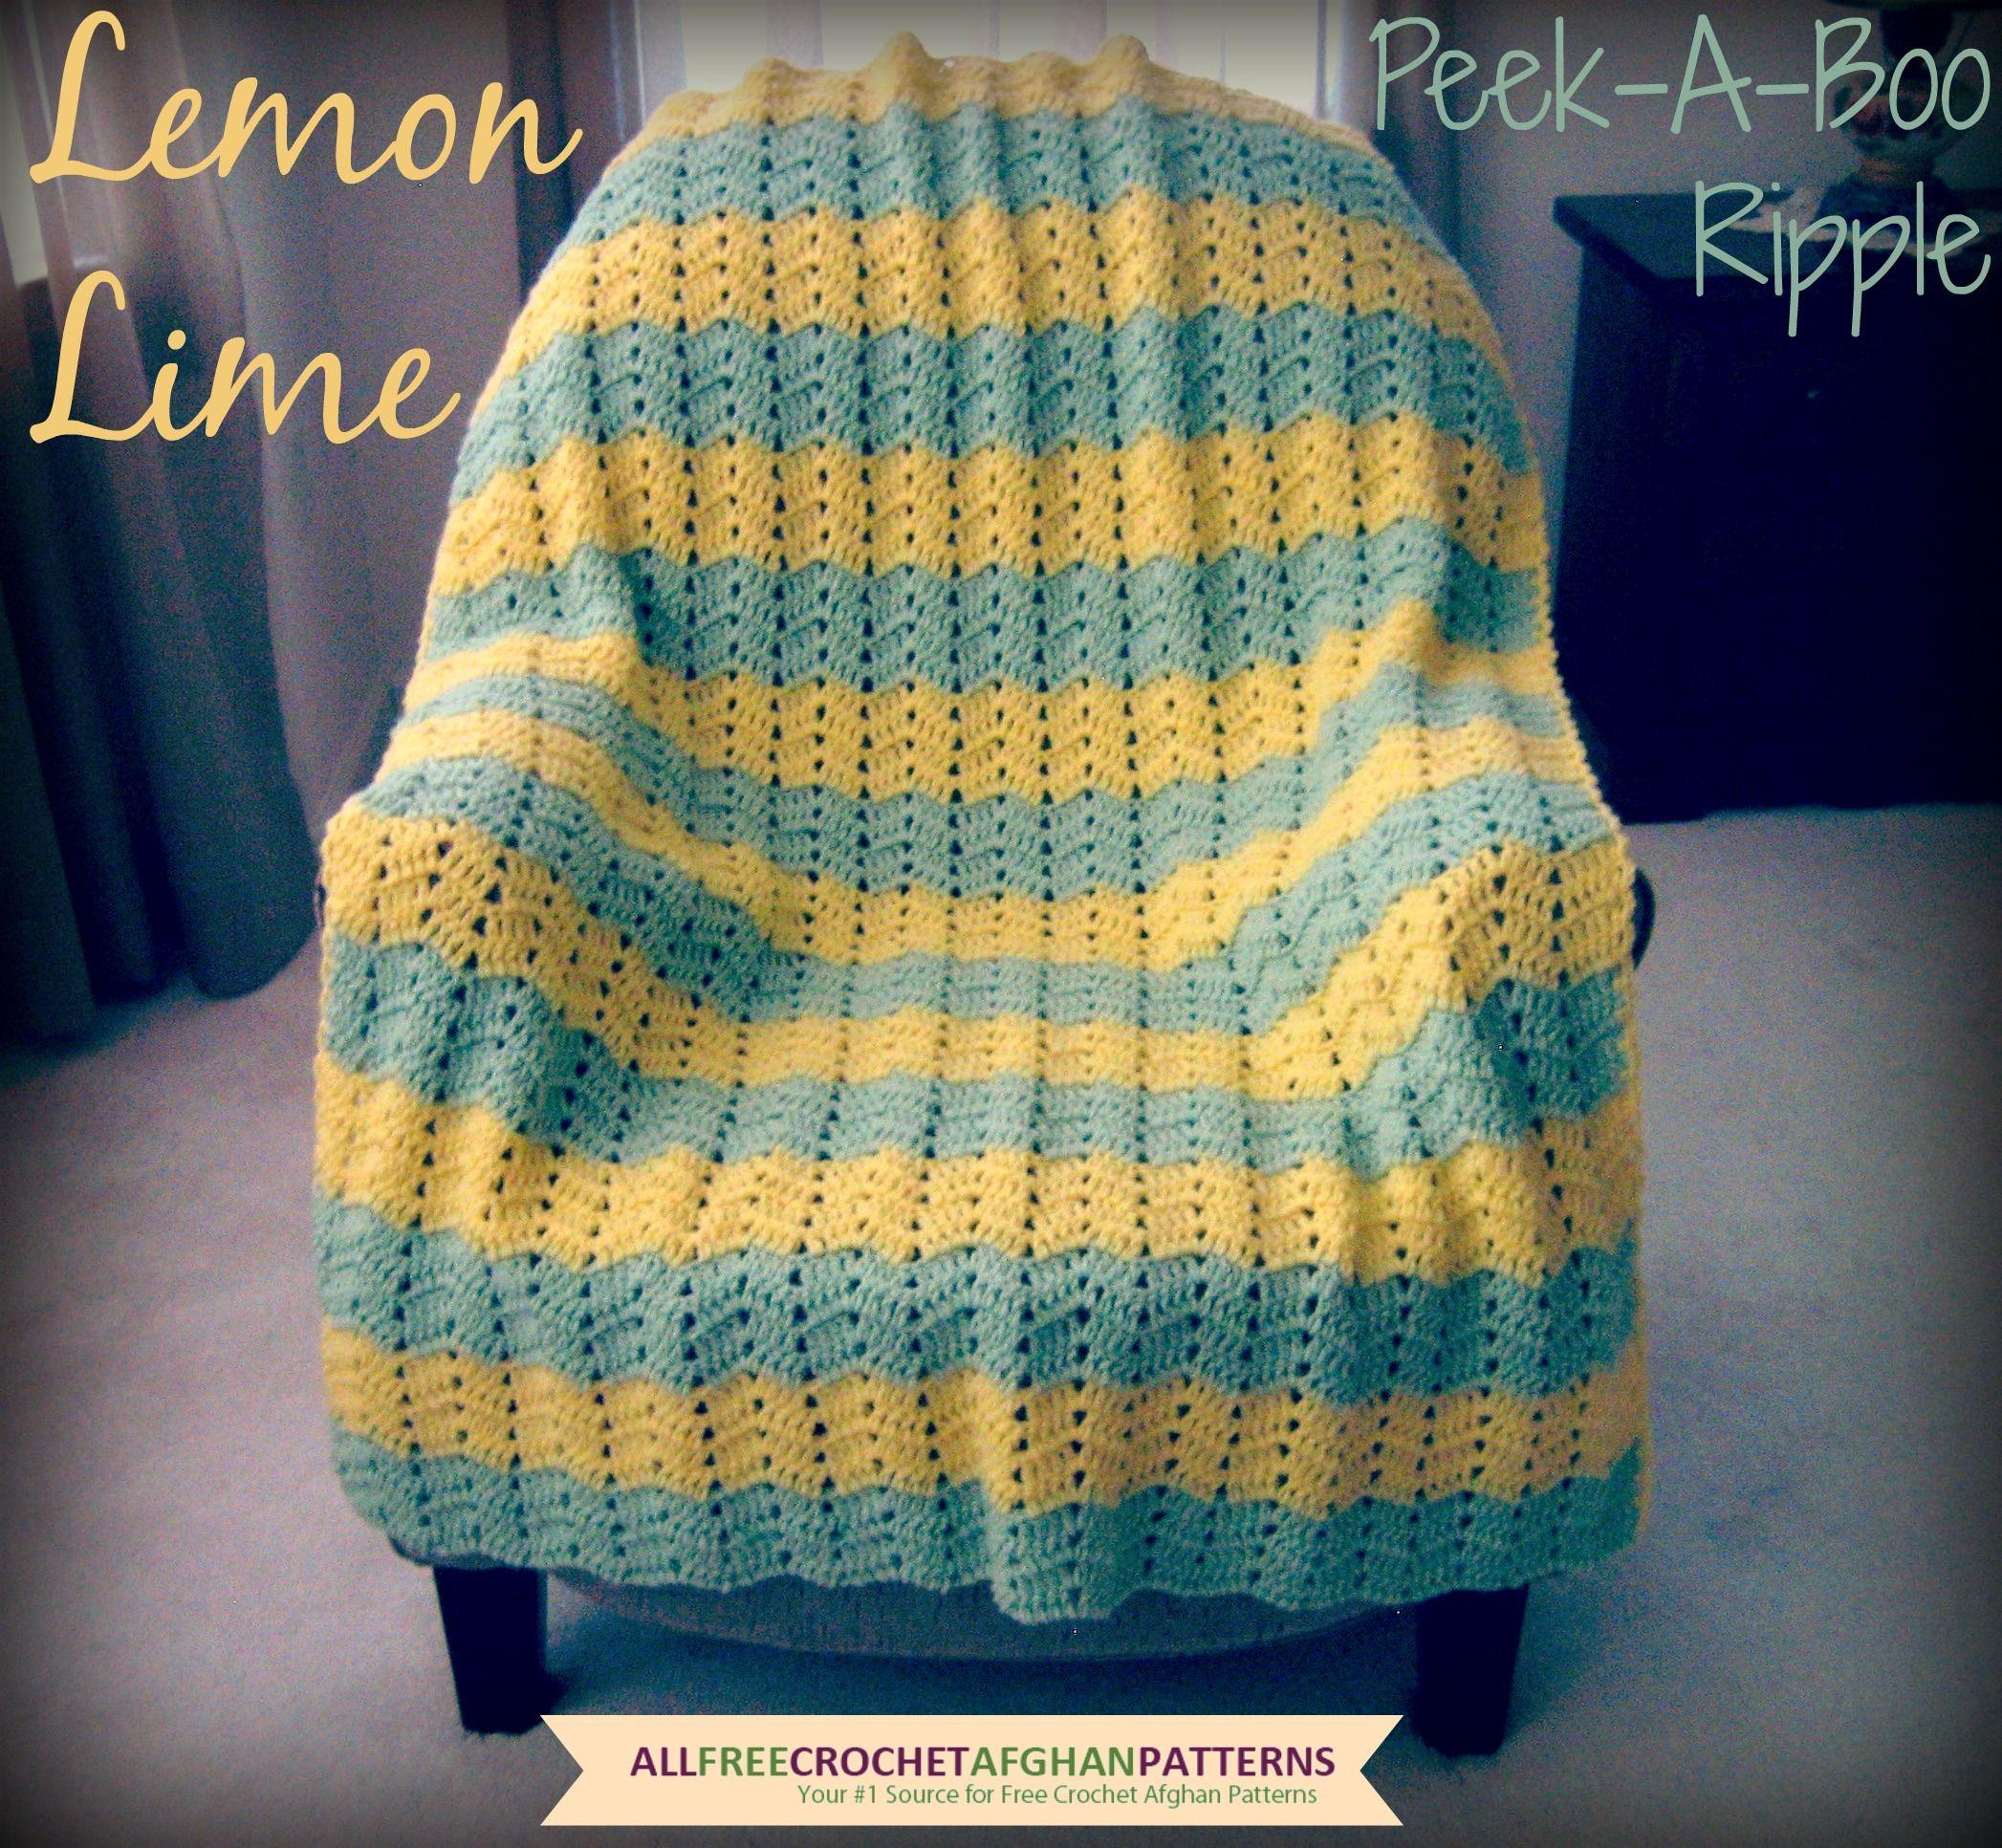 Lemon Lime Peek-A-Boo Ripple